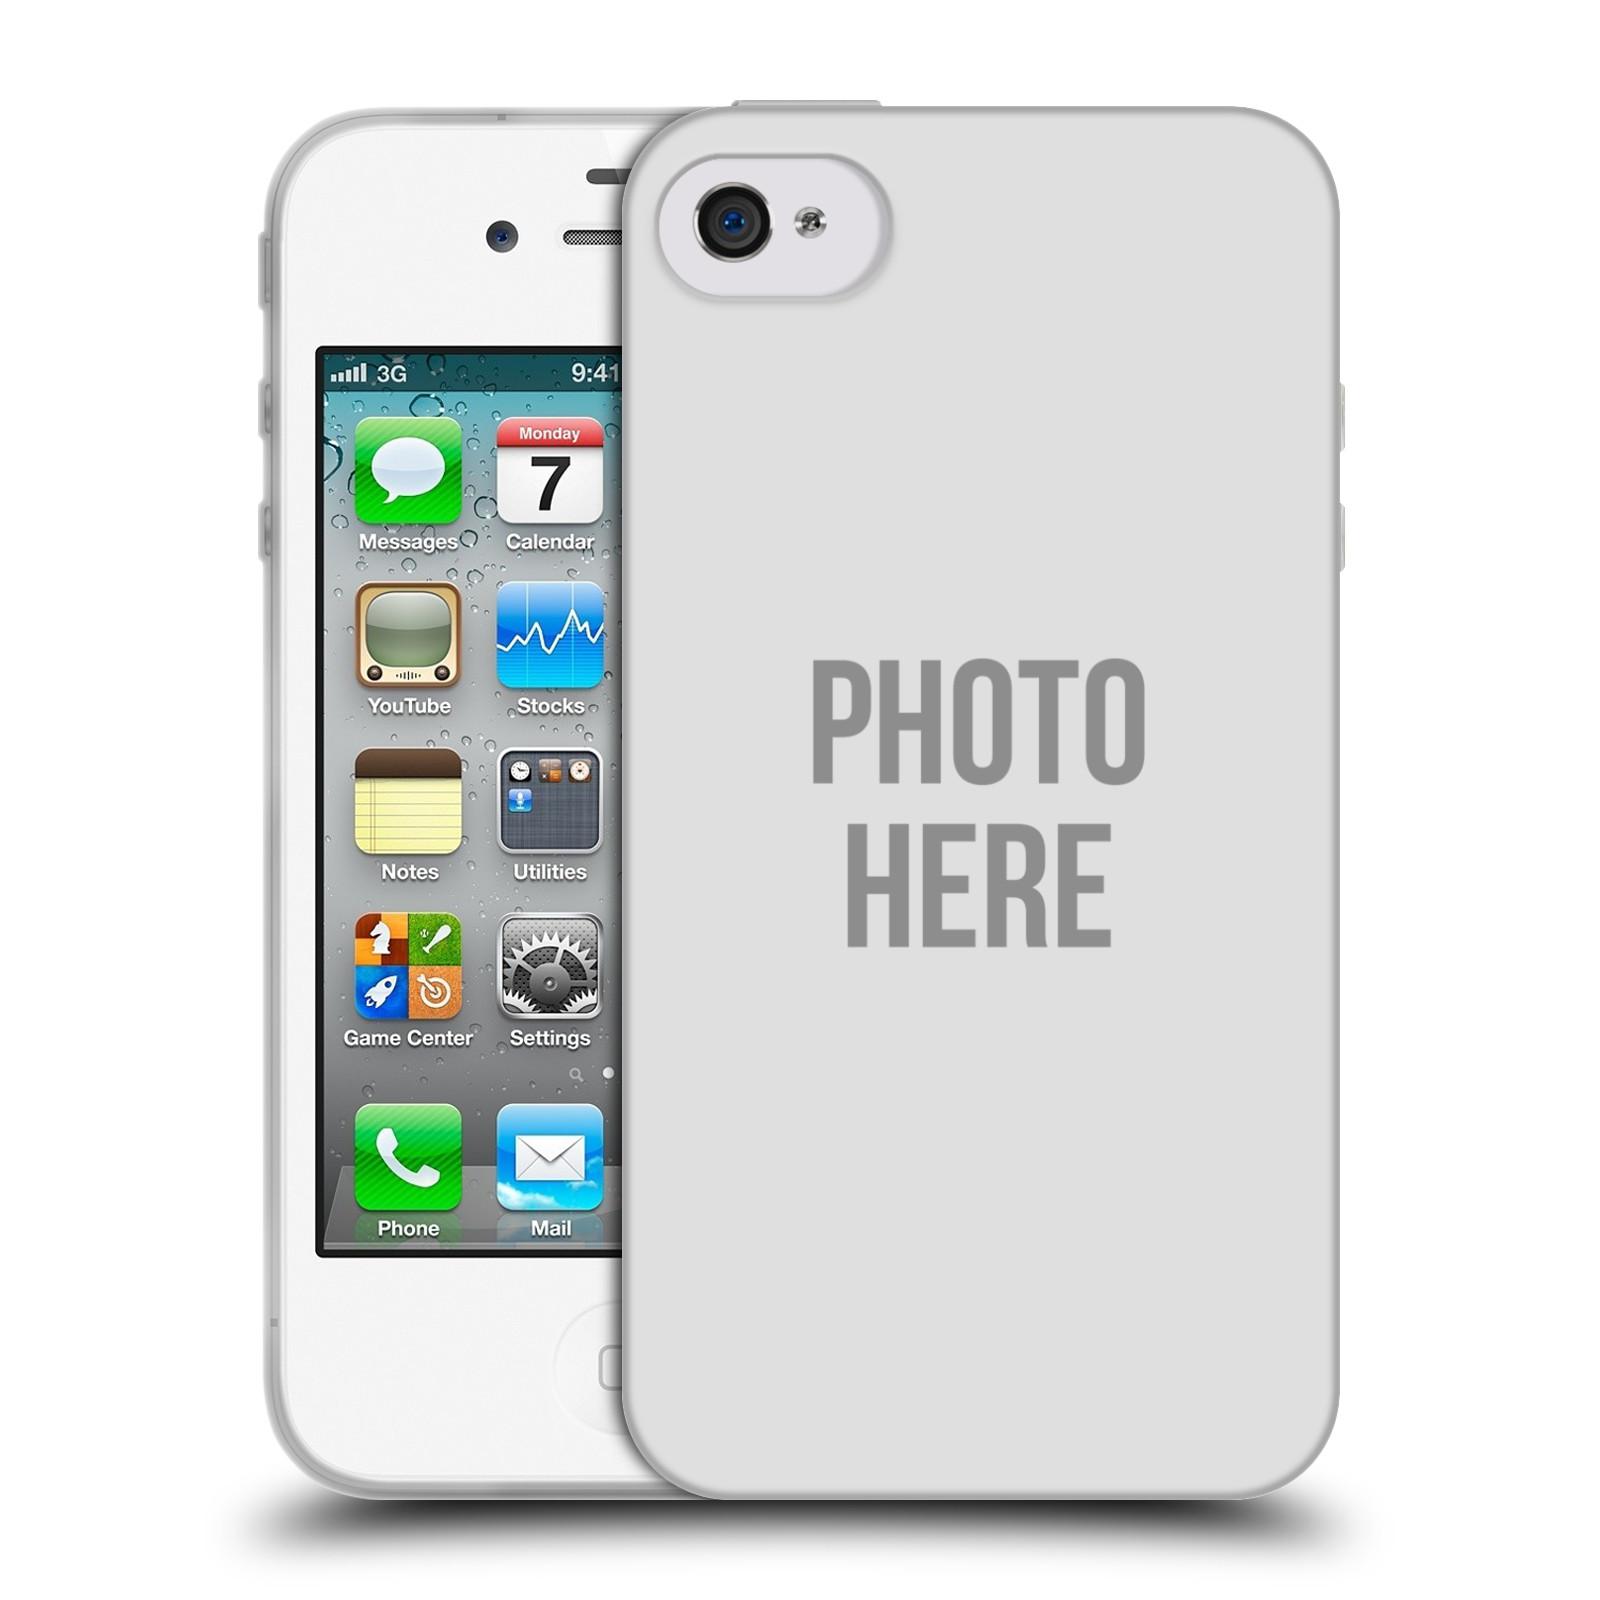 Silikonové pouzdro na mobil Apple iPhone 4 a 4S HEAD CASE s vlastním motivem (Silikonový kryt či obal s vlastní fotografií na mobilní telefon Apple iPhone 4 a 4S)